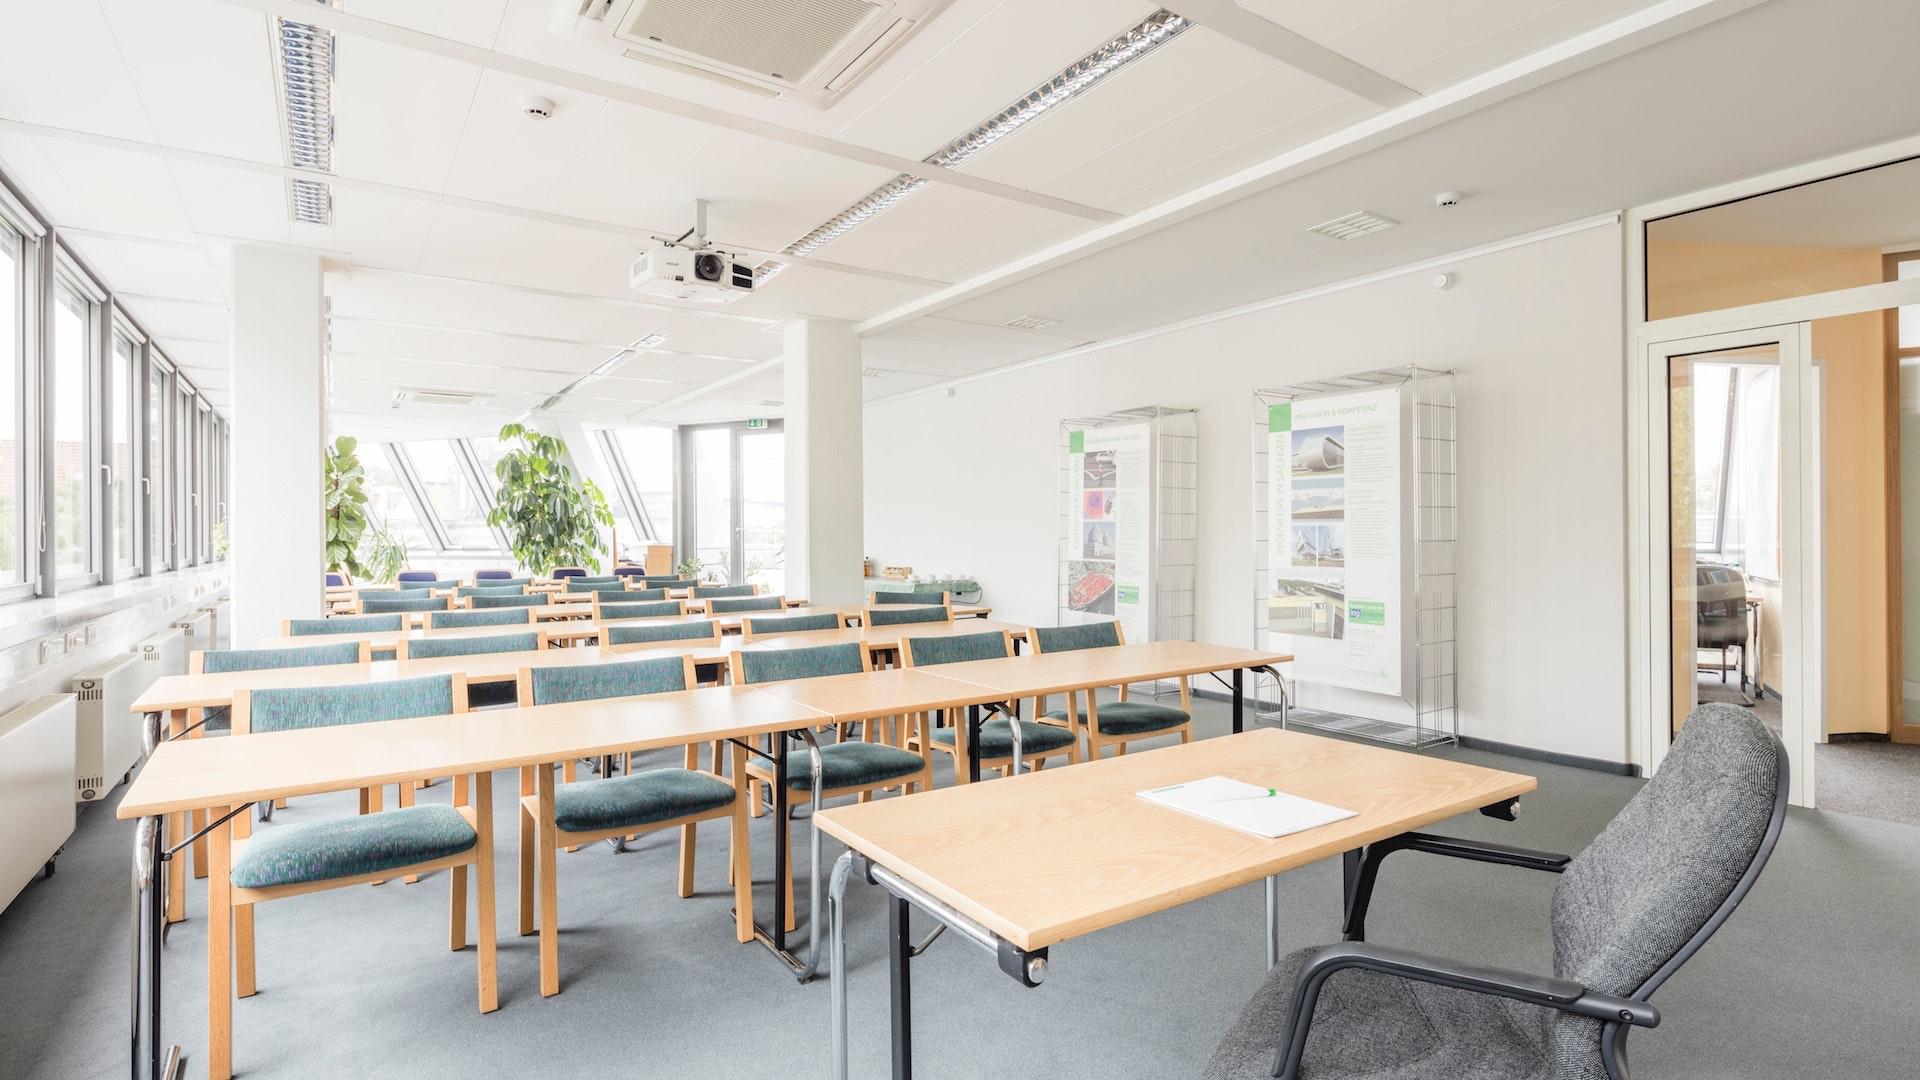 教室型に席が配置された会議室